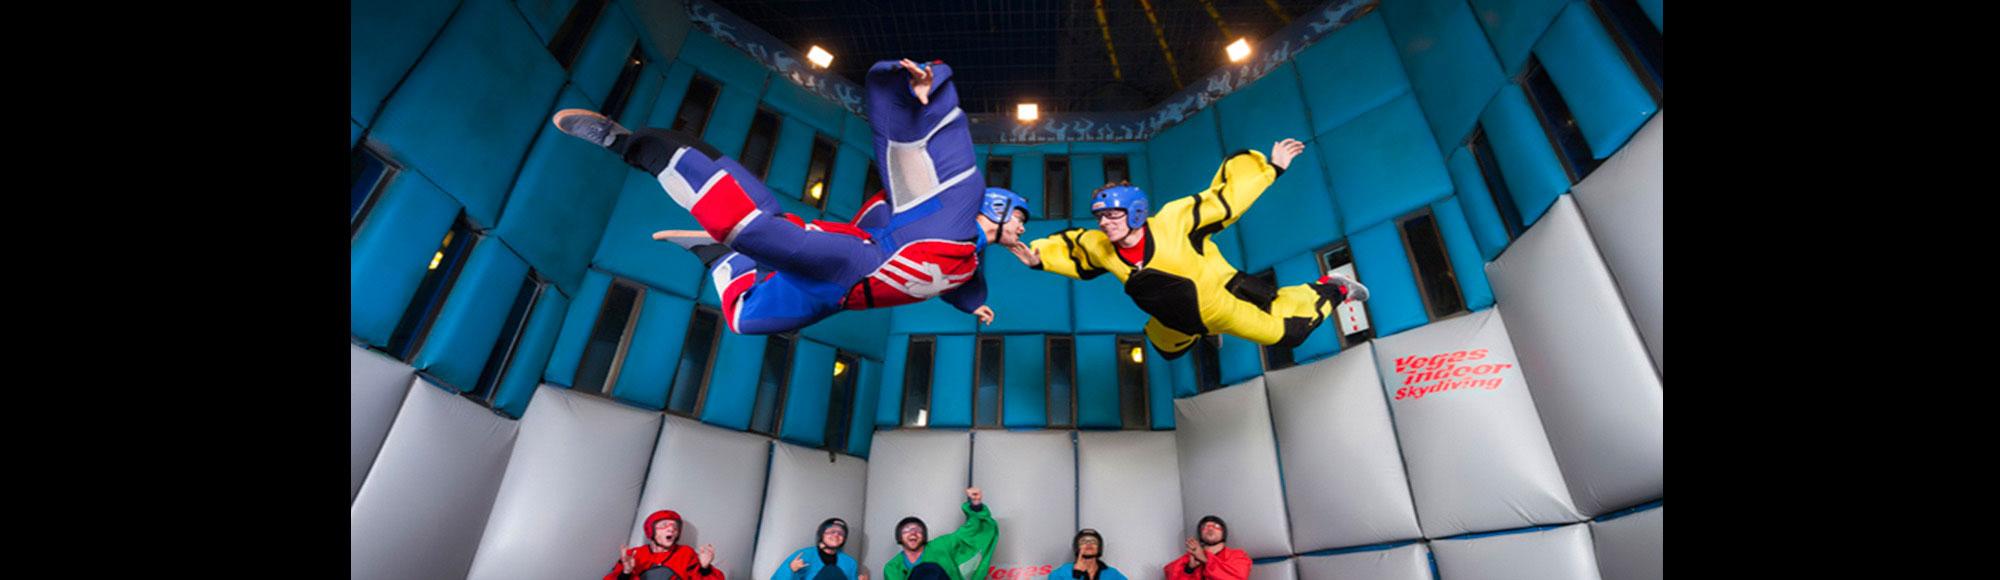 Vegas Indoor Skydiving attraction